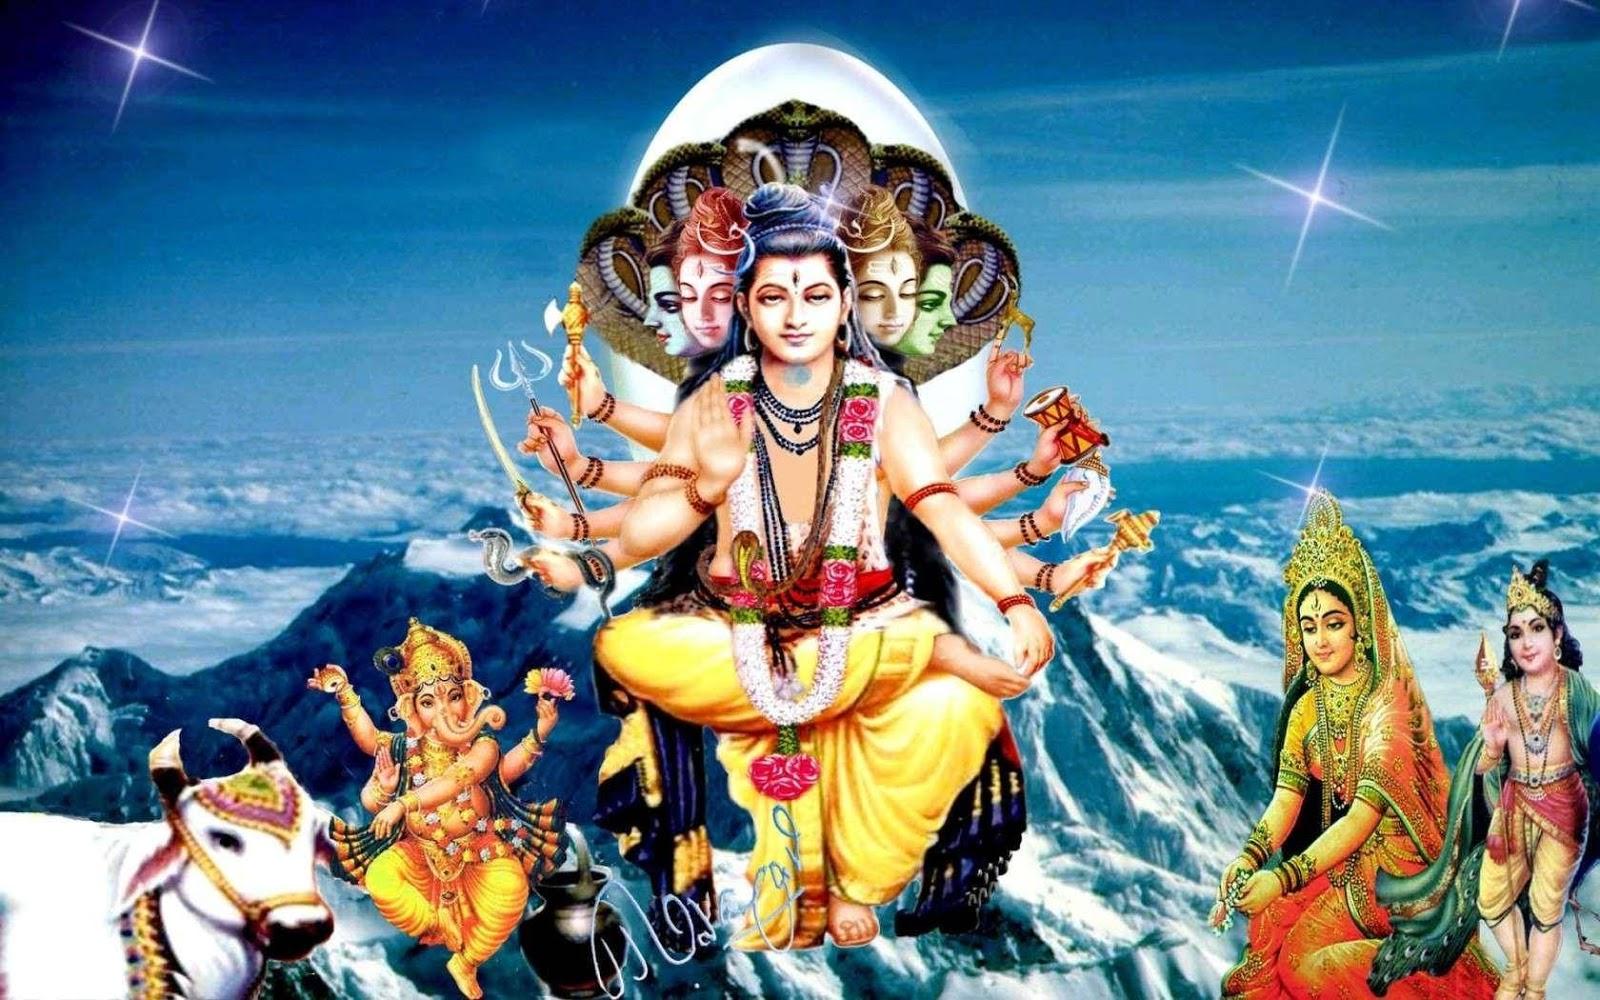 Второе поколение земных богов  многорукие боги  Земля до